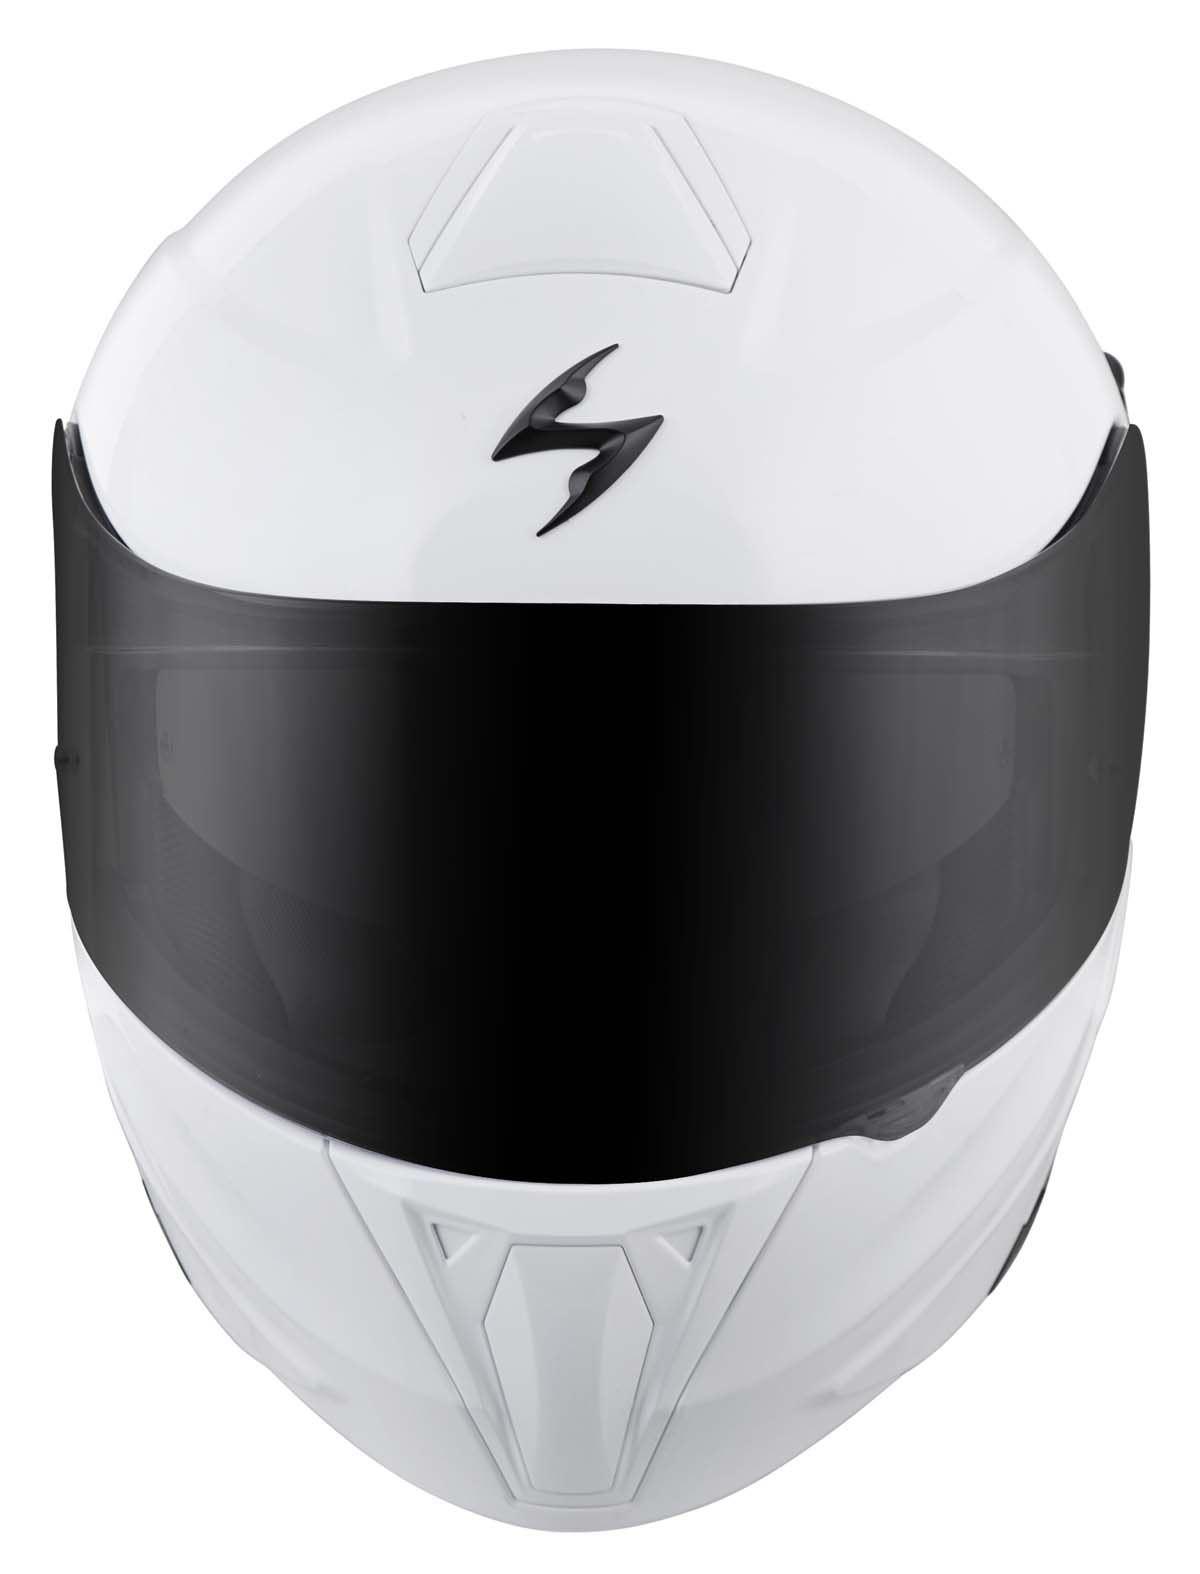 Scorpion-EXO-GT920-Helmet-Sport-Touring-Modular-Flip-Up-DOT-Approved-XS-3XL miniature 14